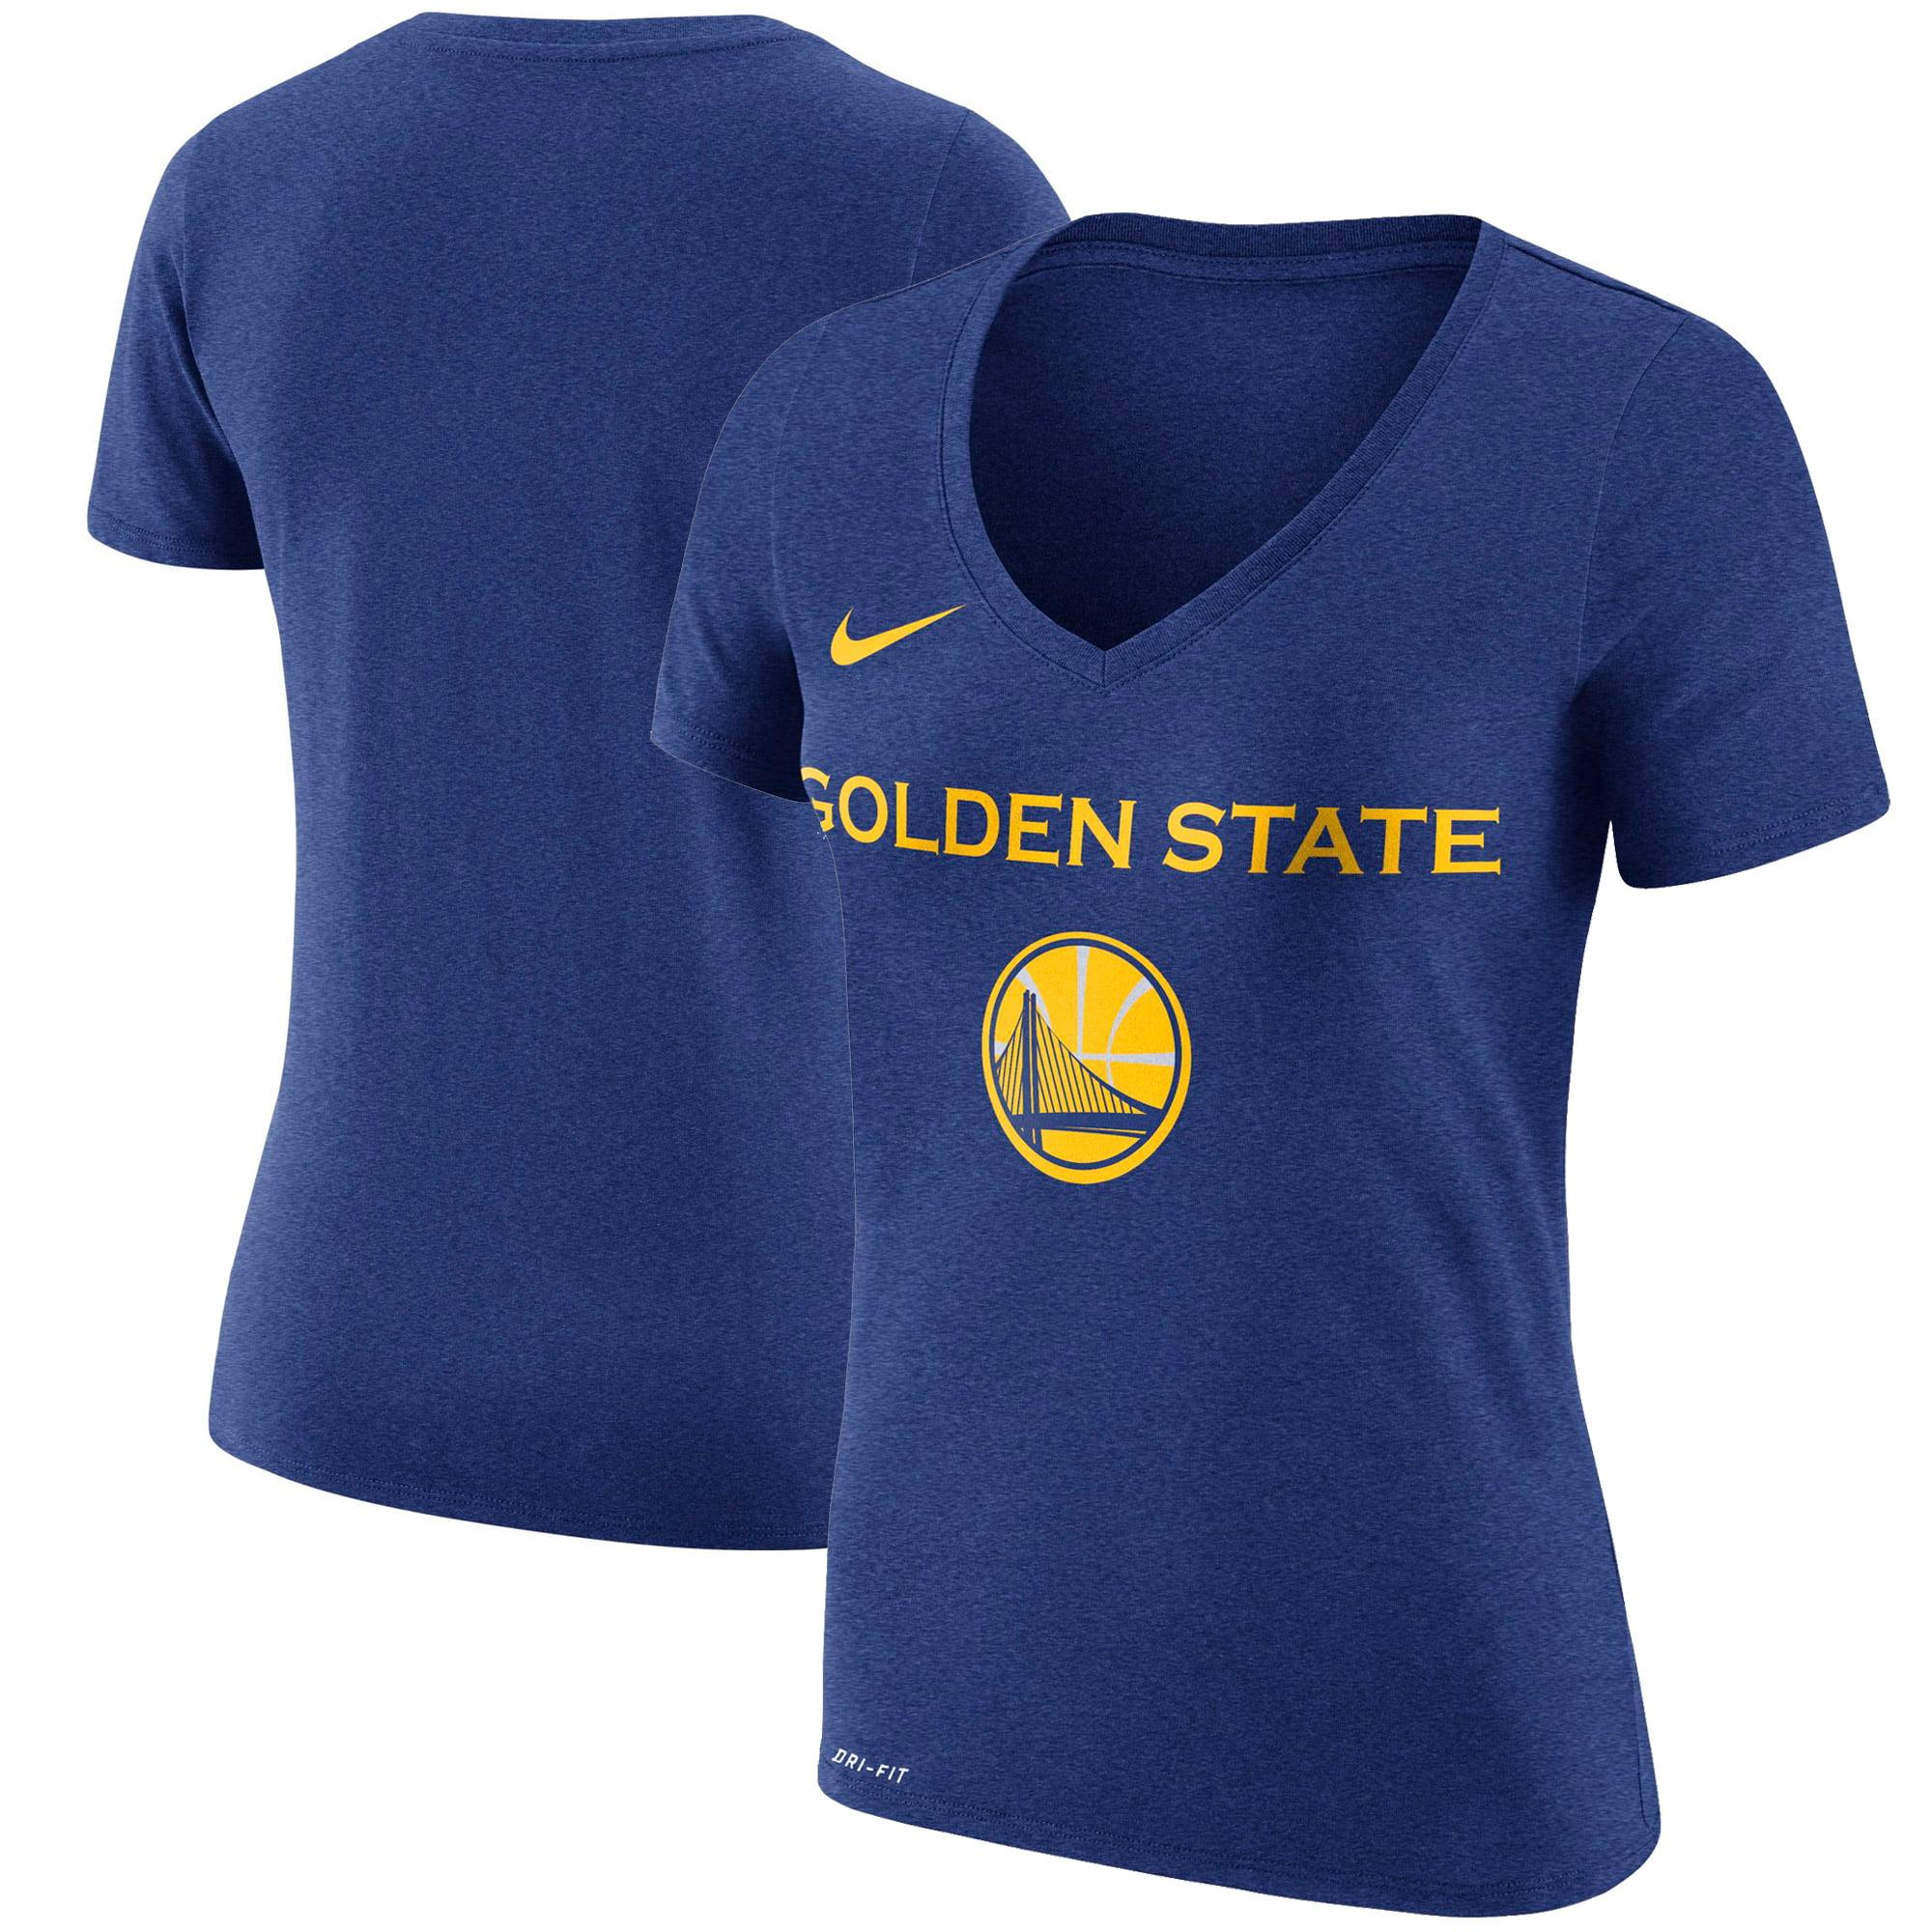 Golden State Warriors Nike Women's Wordmark V-Neck T-Shirt - Royal